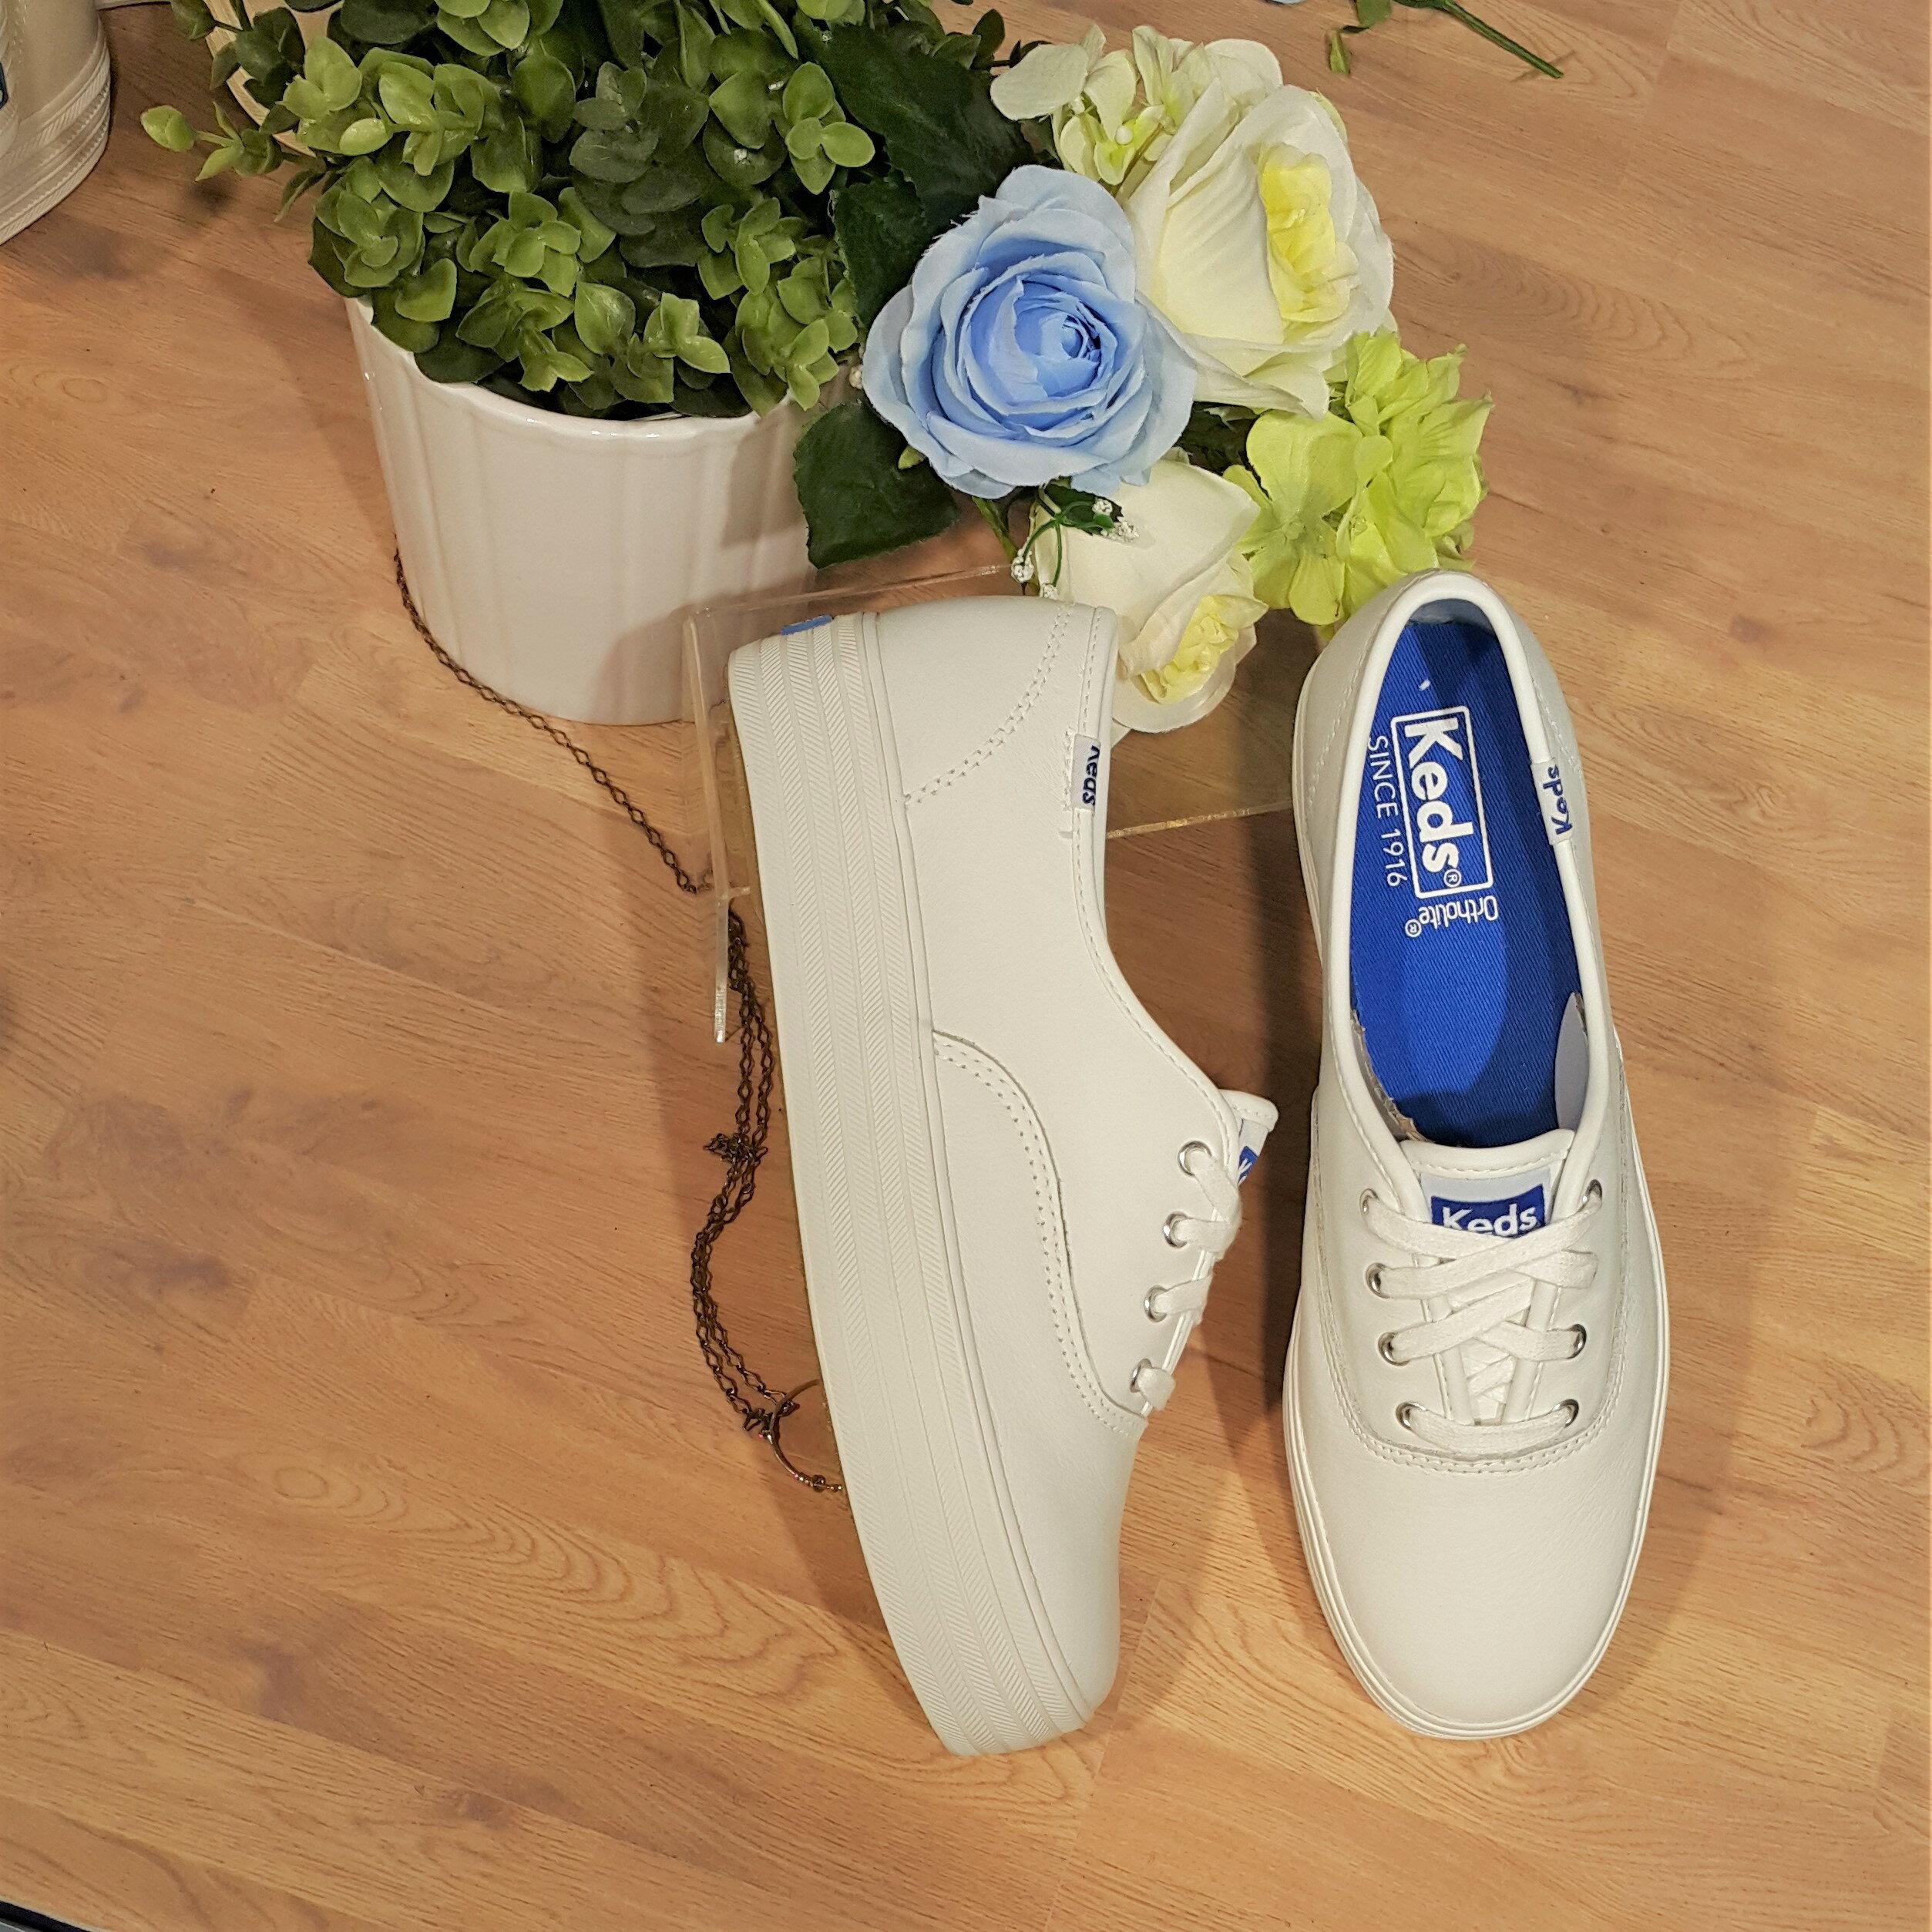 Keds 厚底 白色 全白 皮革 荔枝紋 基本款 防潑水 小白鞋 3公分 增高 經典款 WH55748